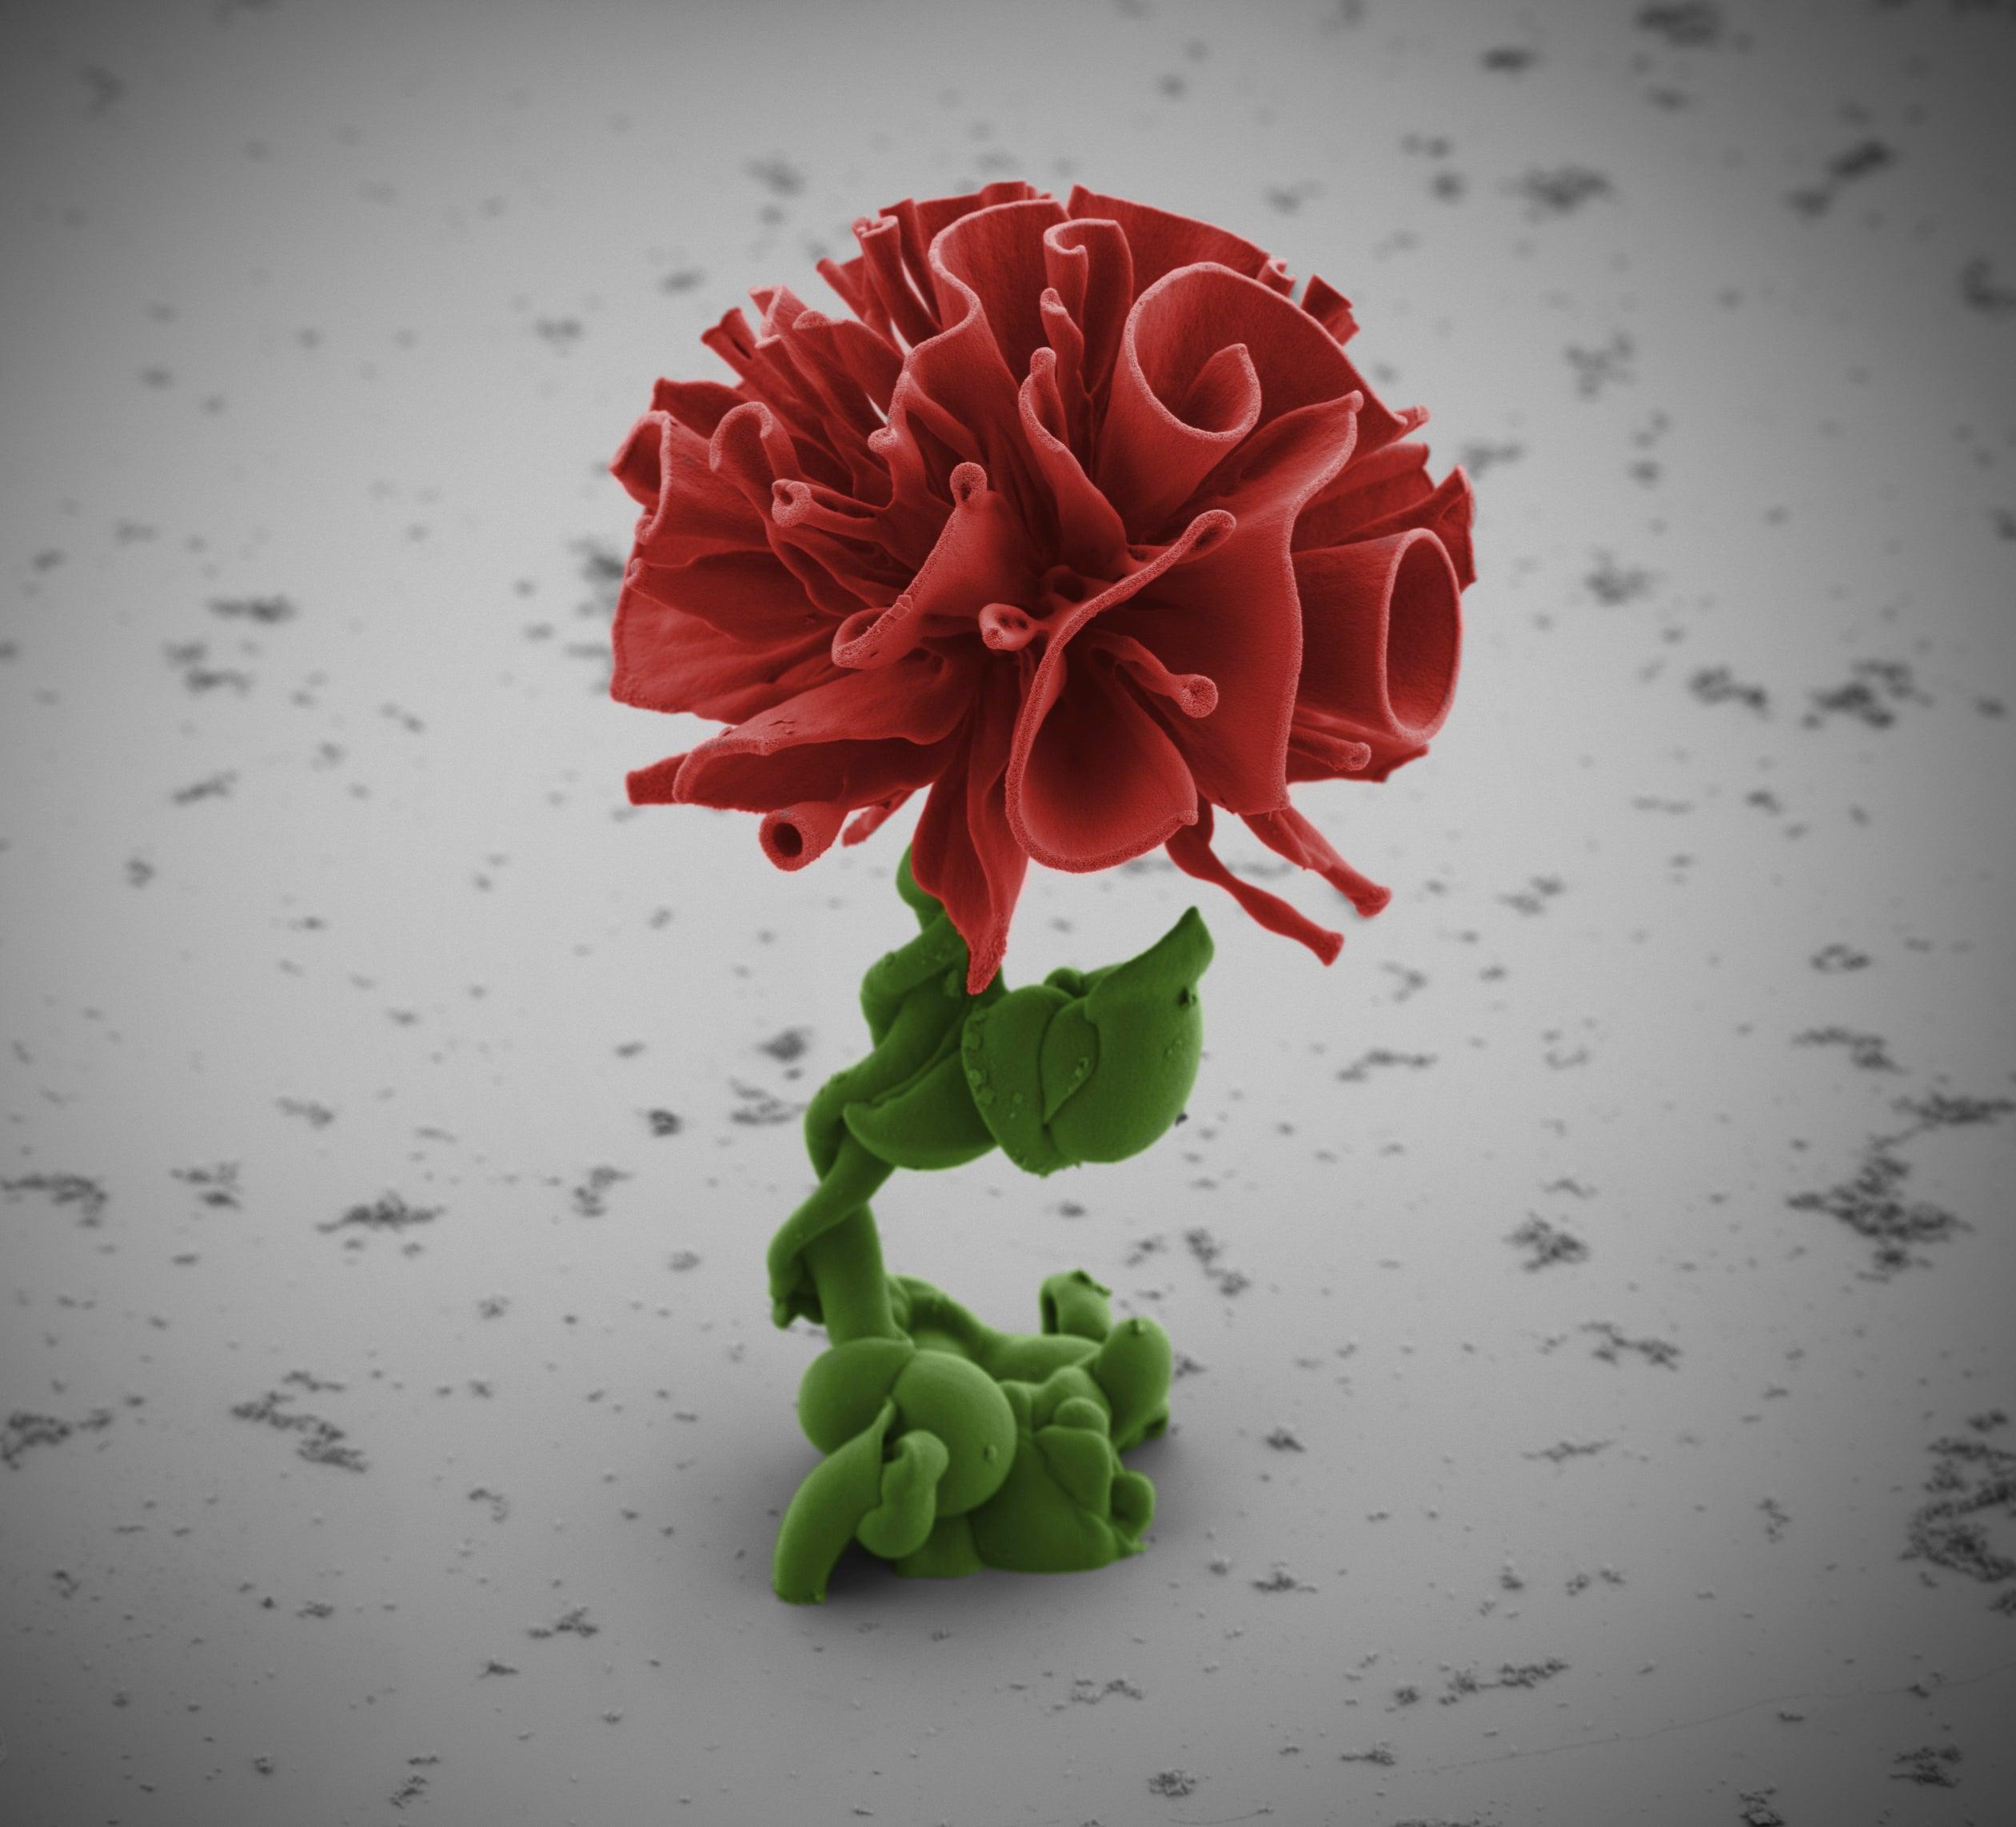 Картинки по запросу microscopic flower